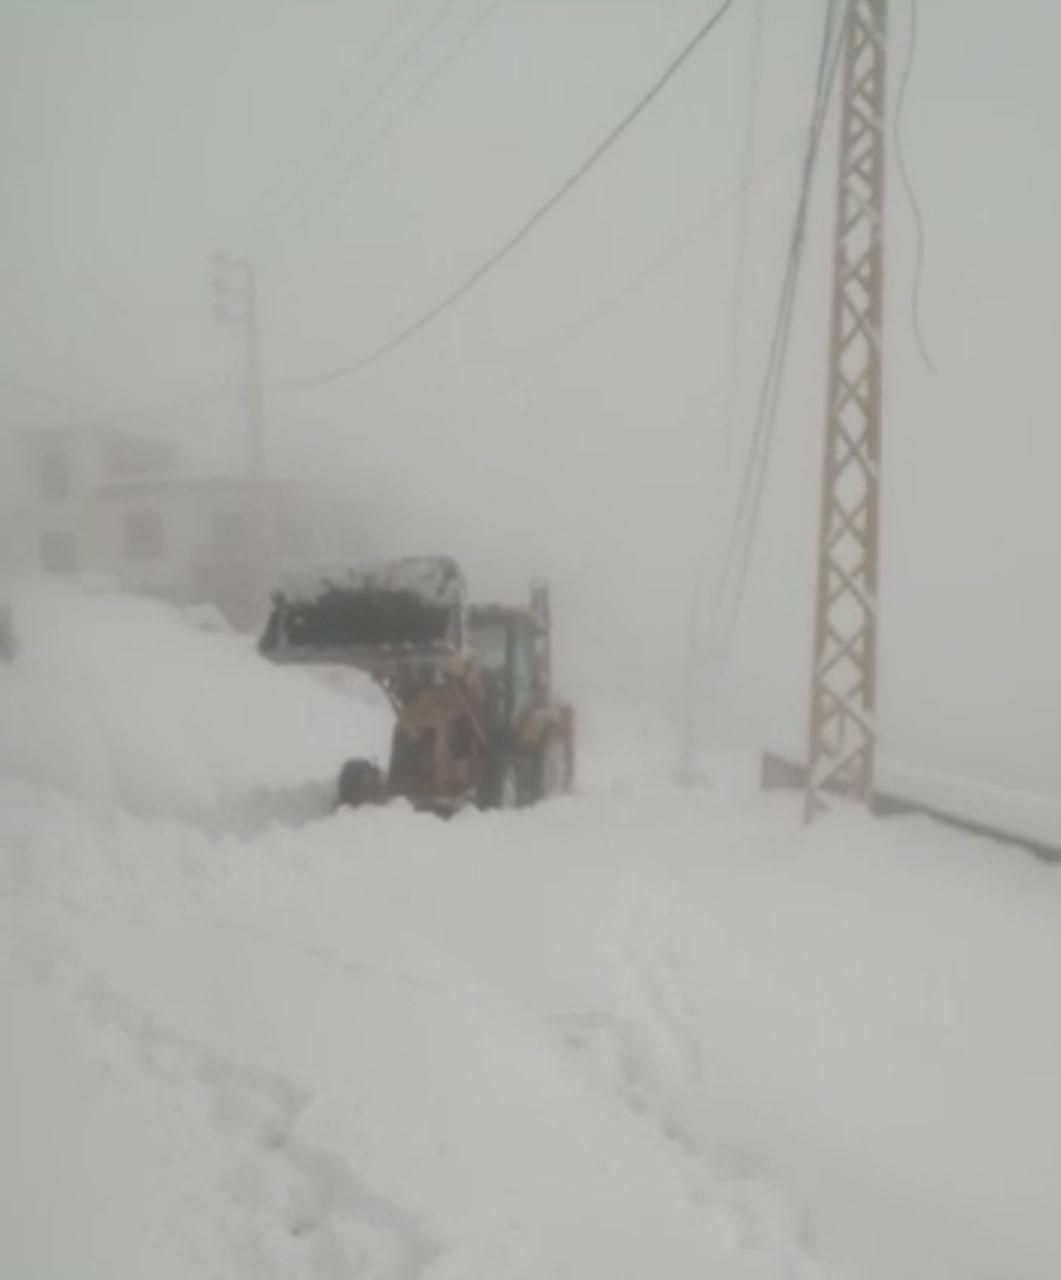 بعدما قُطعت بسبب الثلوج.. فتح طرقات شمالاً (صور)